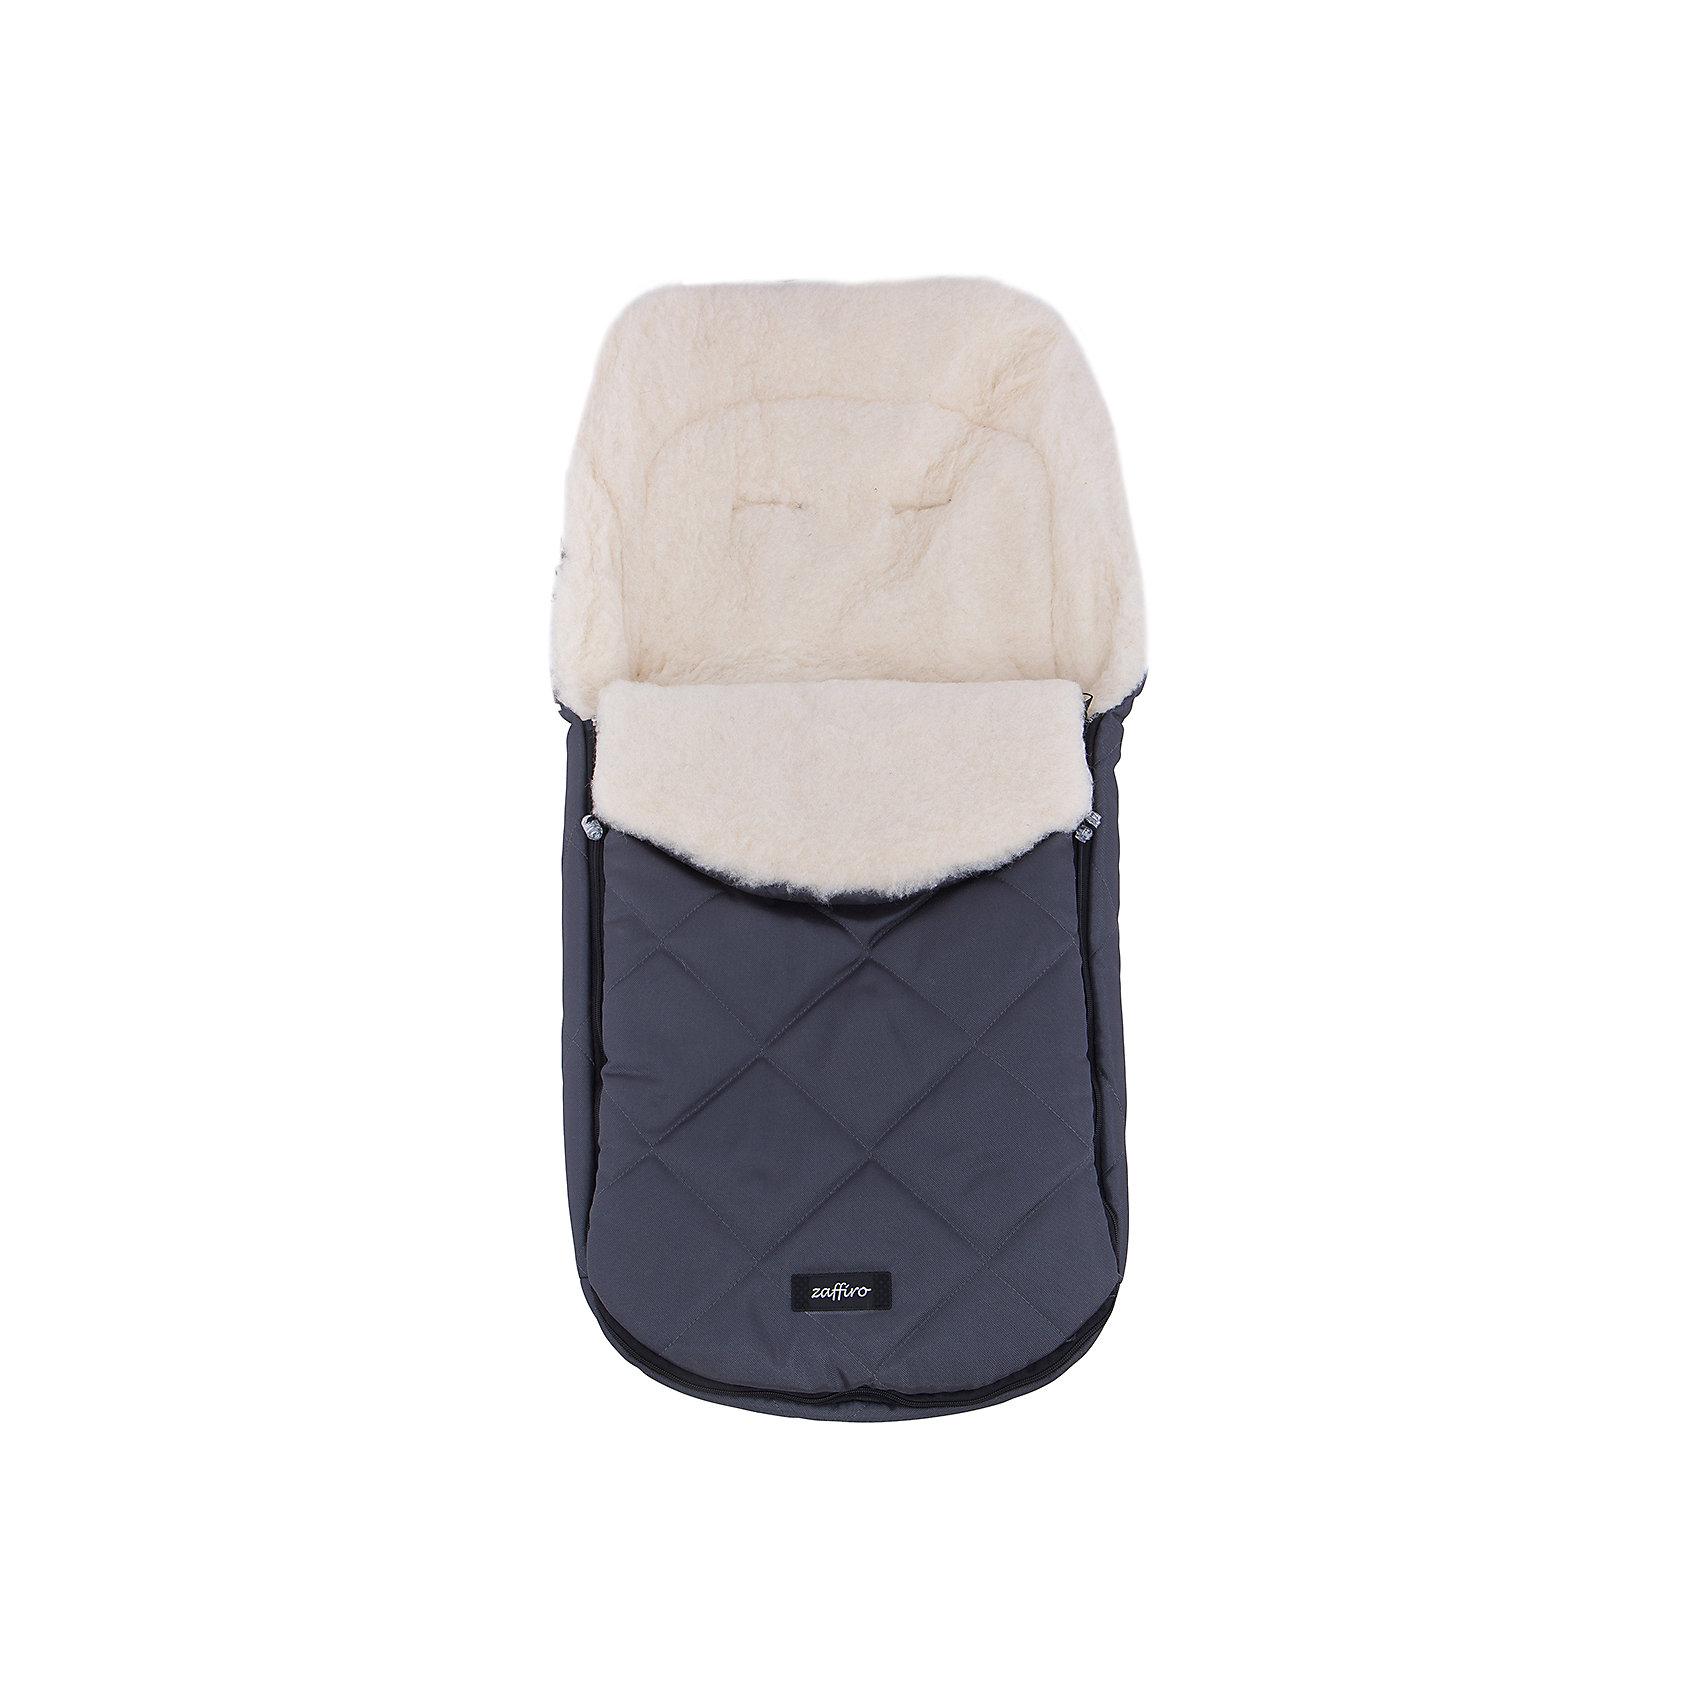 Конверт зимний №61 Exclusive, 95*50, шерсть, Womar, графитКонверт зимний №61 Exclusive, 95*50, шерсть, Womar, графит – эксклюзивная защита от холода для вашего малыша.<br>Внутри конверта мягкий мех, изготовленный из овчины. Этот материал не вызывает аллергии и безопасен для нежной кожи малыша. Верхняя часть непромокаемая, грязеотталкивающая и не продувается. Также ее можно отстегнуть. Сверху есть шнурок, который можно стянуть как капюшон. Конверт подходит к большинству колясок. Стирать при температуре 30 градусов, не отжимать и не гладить. Есть отверстия для пятиточечного ремня безопасности. <br><br>Дополнительная информация:<br><br>- материал: внутренняя часть – натуральная овечья шерсть, внешняя – 100% полиэстер<br>- размер: 95х50 см<br>- цвет: графит<br><br>Конверт зимний №61 Exclusive, 95*50, шерсть, Womar, графит можно купить в нашем интернет магазине.<br><br>Ширина мм: 950<br>Глубина мм: 500<br>Высота мм: 100<br>Вес г: 500<br>Возраст от месяцев: 0<br>Возраст до месяцев: 12<br>Пол: Унисекс<br>Возраст: Детский<br>SKU: 4981796